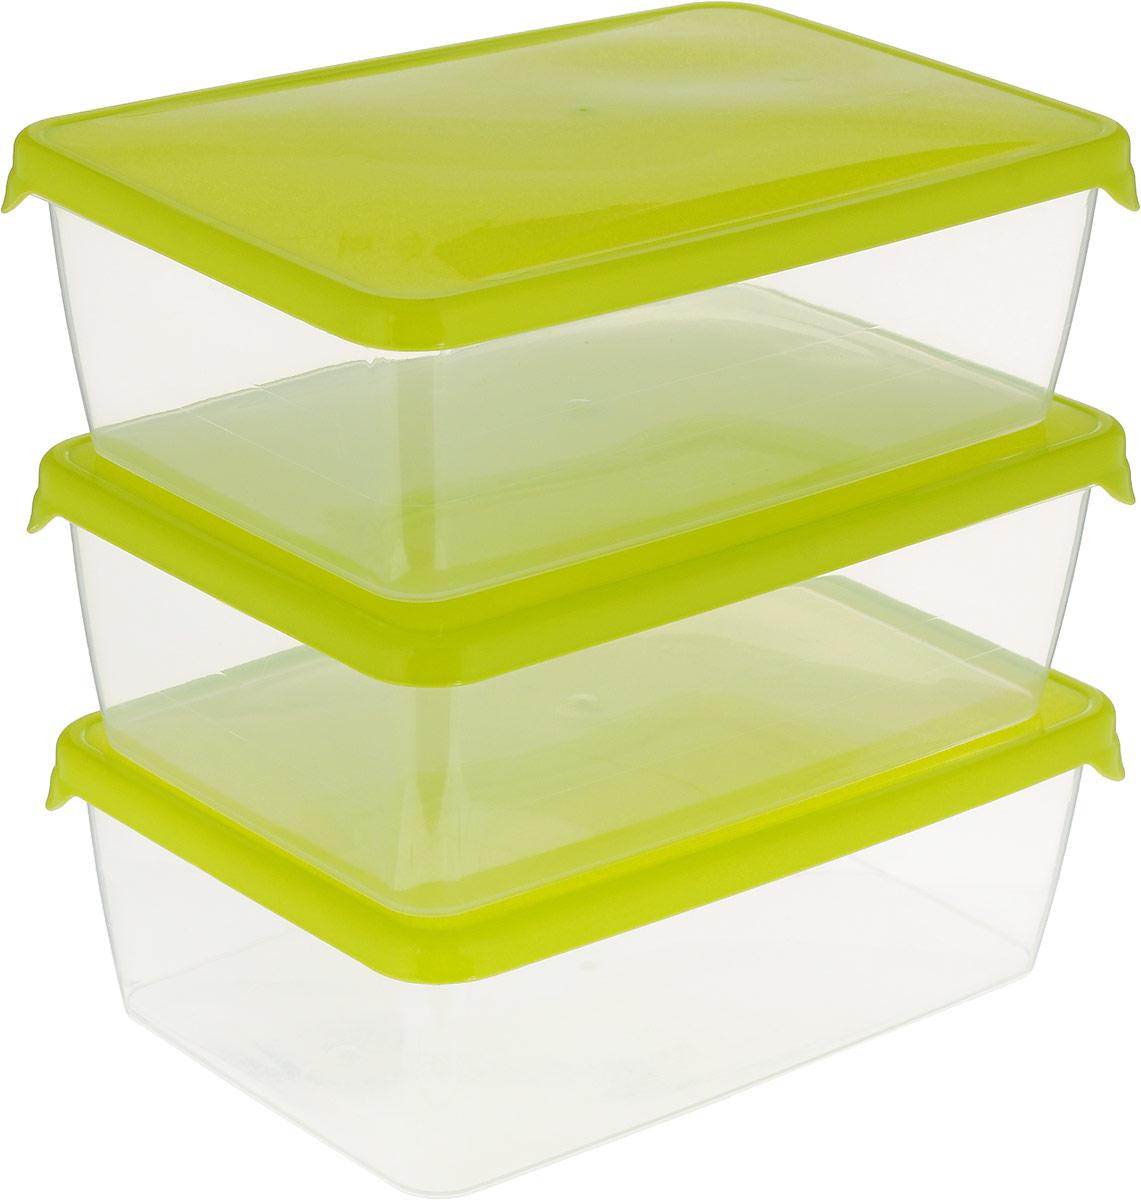 Комплект емкостей для продуктов Giaretti Браво, цвет: прозрачный, салатовый, 1,35 л, 3 штGR1044_салатовыйКомплект емкостей для продуктов Giaretti Браво состоит из 3 контейнеров. Емкости изготовлены из пищевого полипропилена и оснащены крышками, которые плотно закрываются, дольше сохраняя продукты свежими. Боковые стенки прозрачные, что позволяет видеть содержимое.Емкости идеально подходят для хранения пищи, фруктов, ягод, овощей.Такой комплект пригодится в любом хозяйстве. Легкие емкости одинаково удобно взять с собой или хранить продукты дома, замораживать ягоды и овощи небольшими порциями. Тонкий, но вместе с тем прочный пластик обеспечивает надежность изделий.